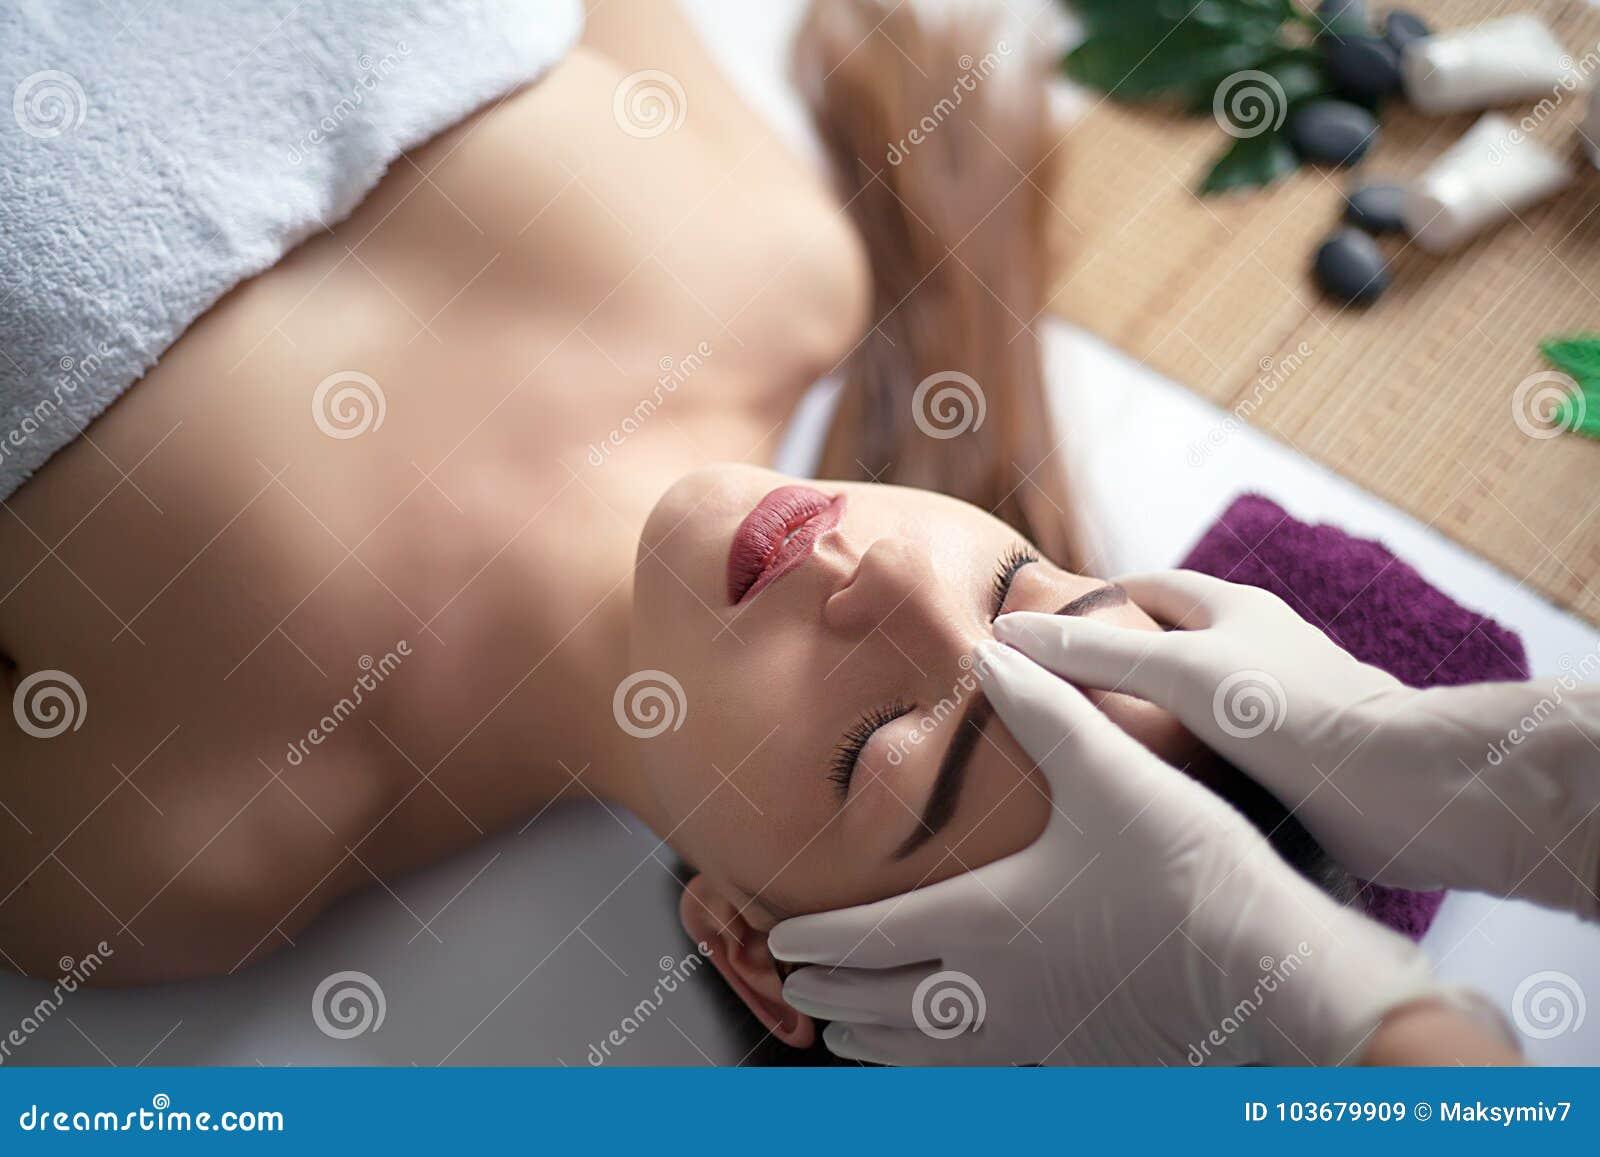 Ludzie, piękno, zdrój, zdrowy styl życia i relaksu pojęcie, - zakończenie up piękny młodej kobiety lying on the beach z zamknięty